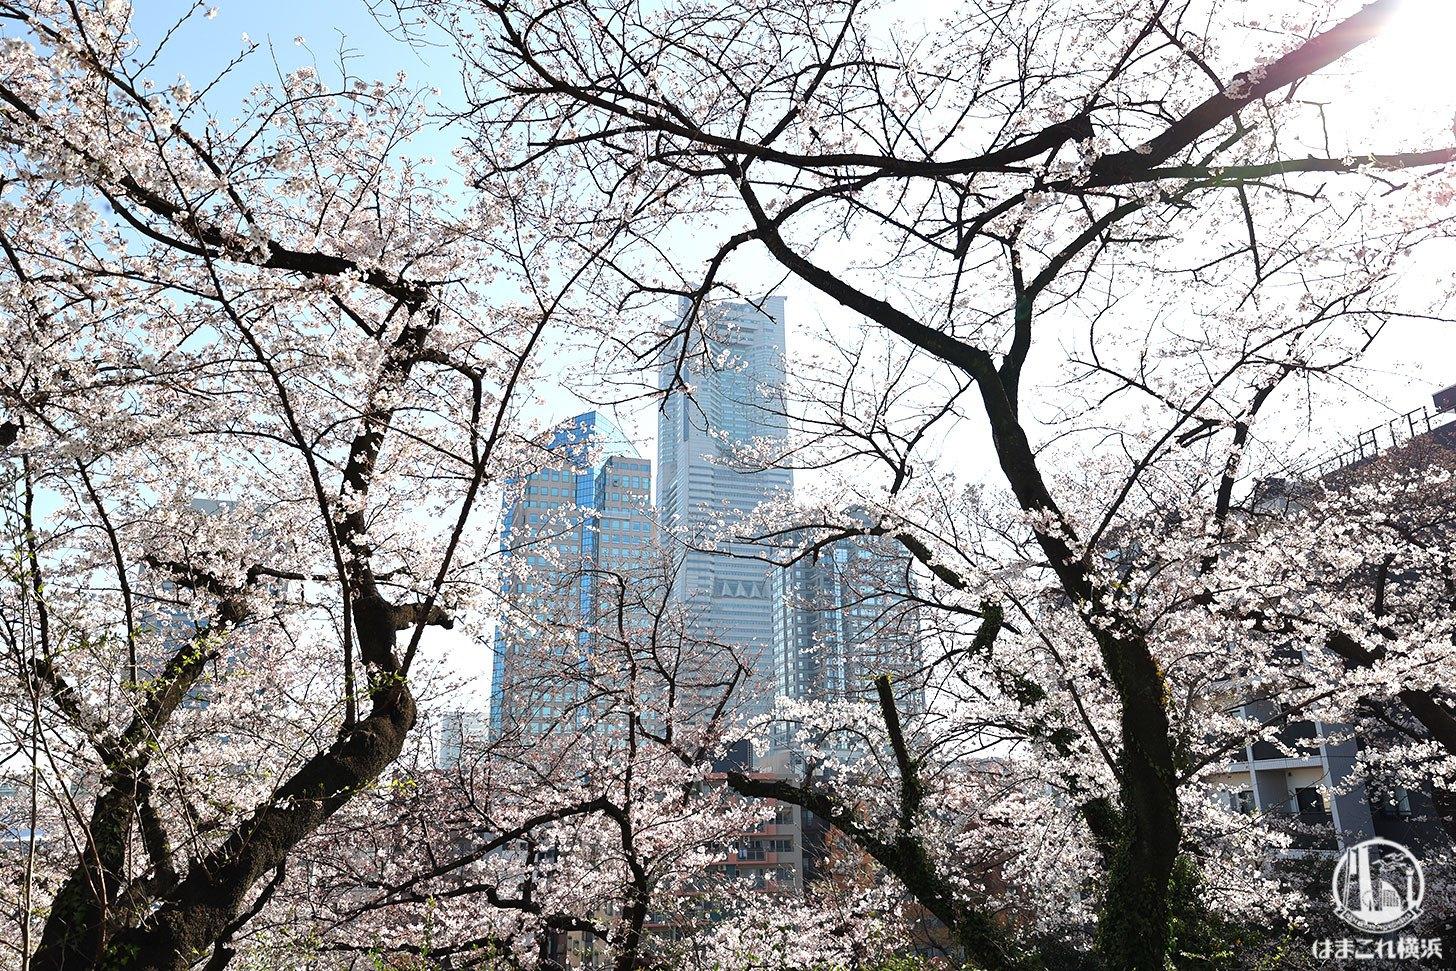 横浜・掃部山公園(かもんやまこうえん)の桜も素晴らしい!高台からみなとみらいとのコラボ